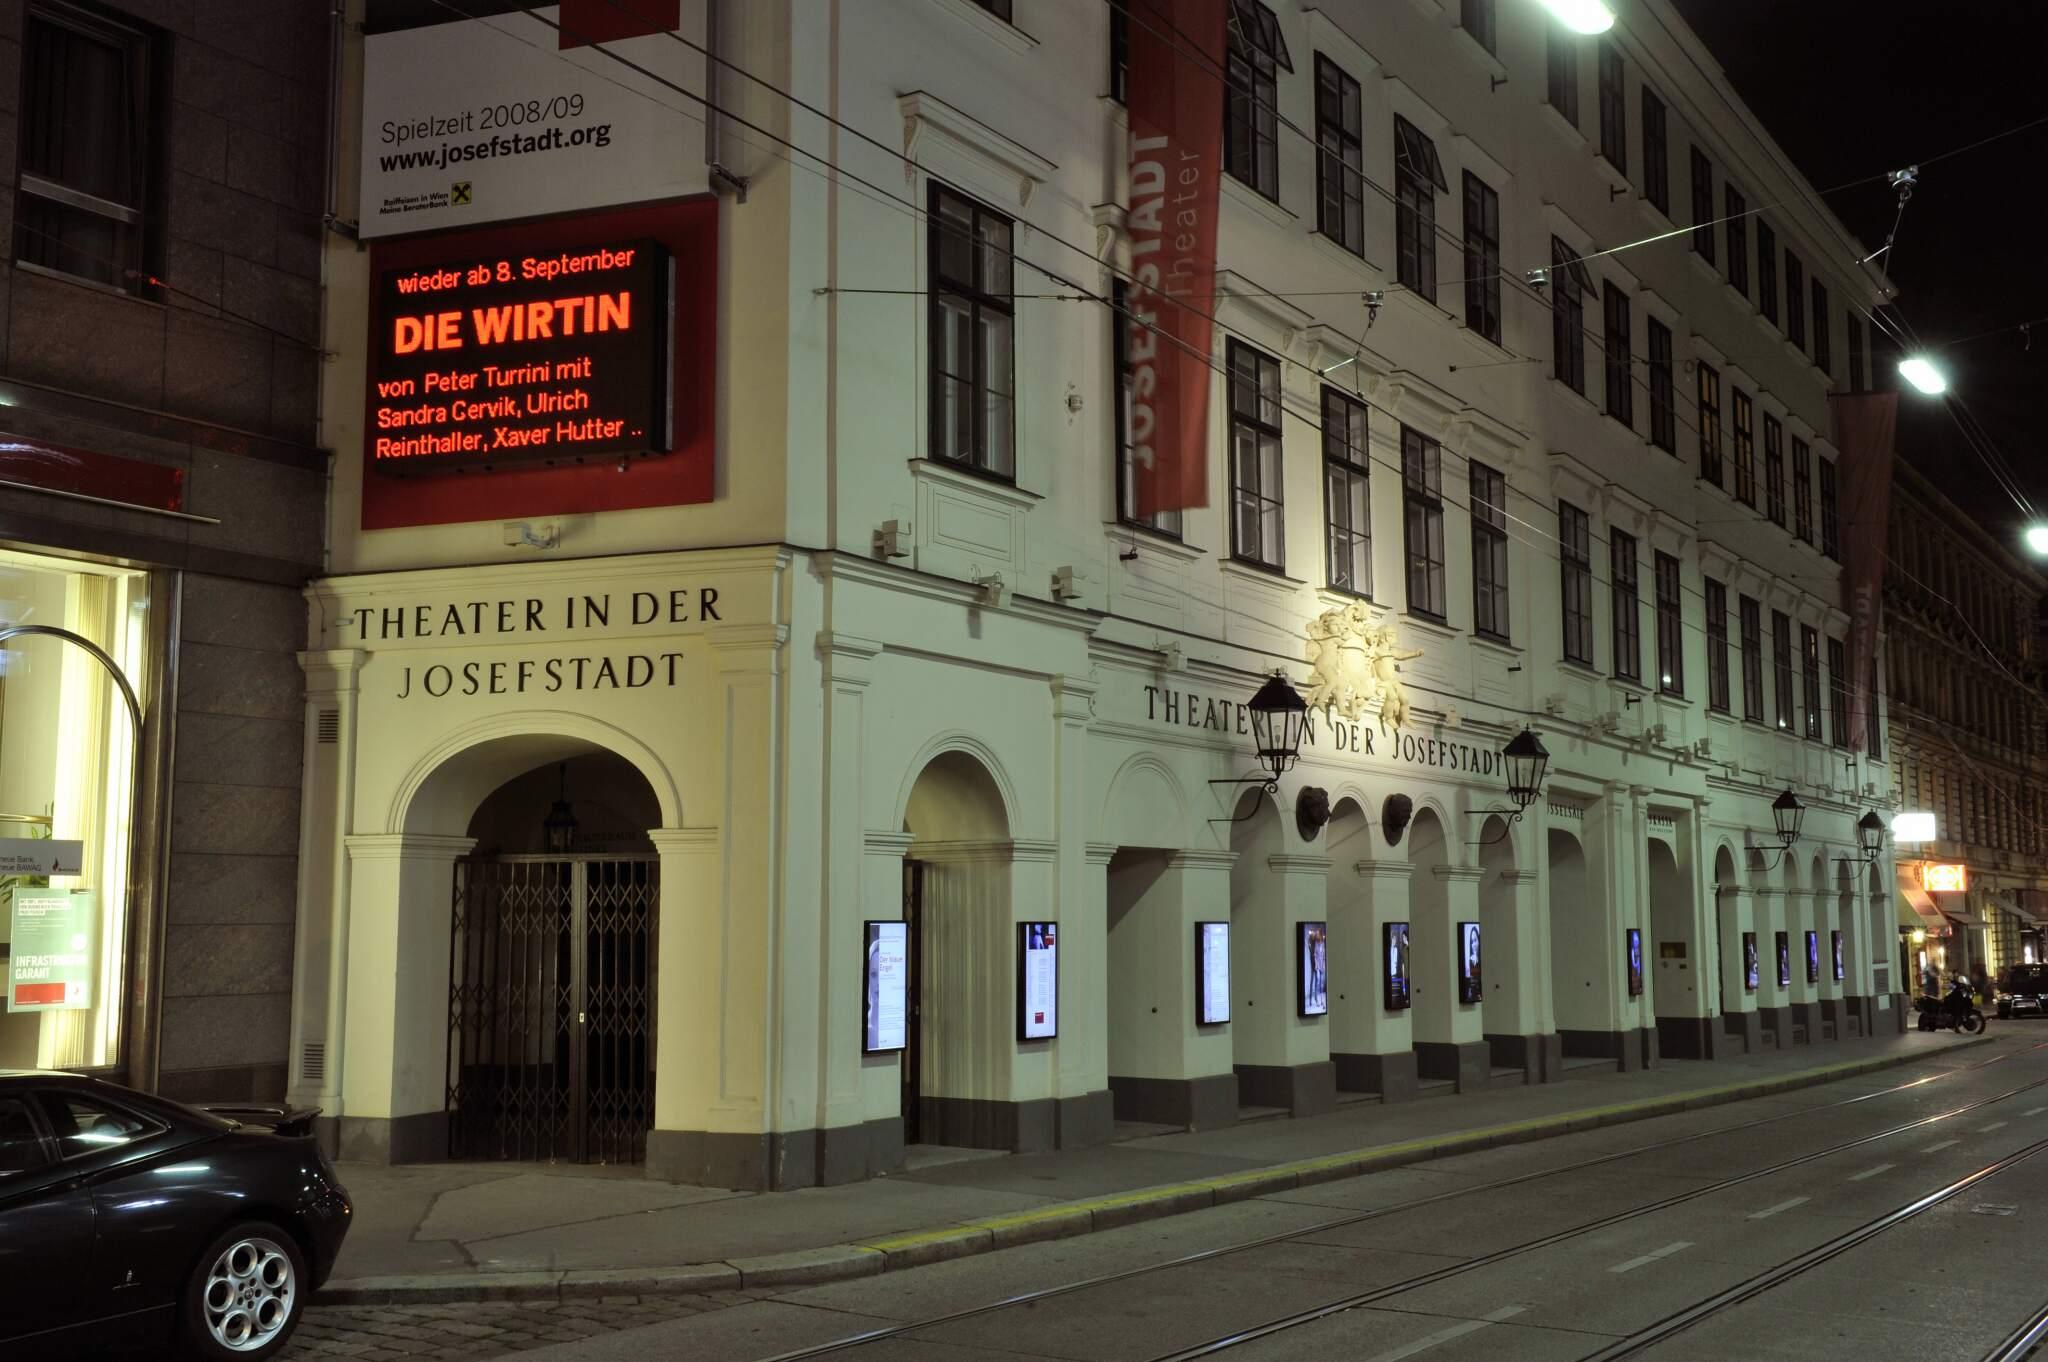 Außenansicht des Theatergebäudes bei Nacht